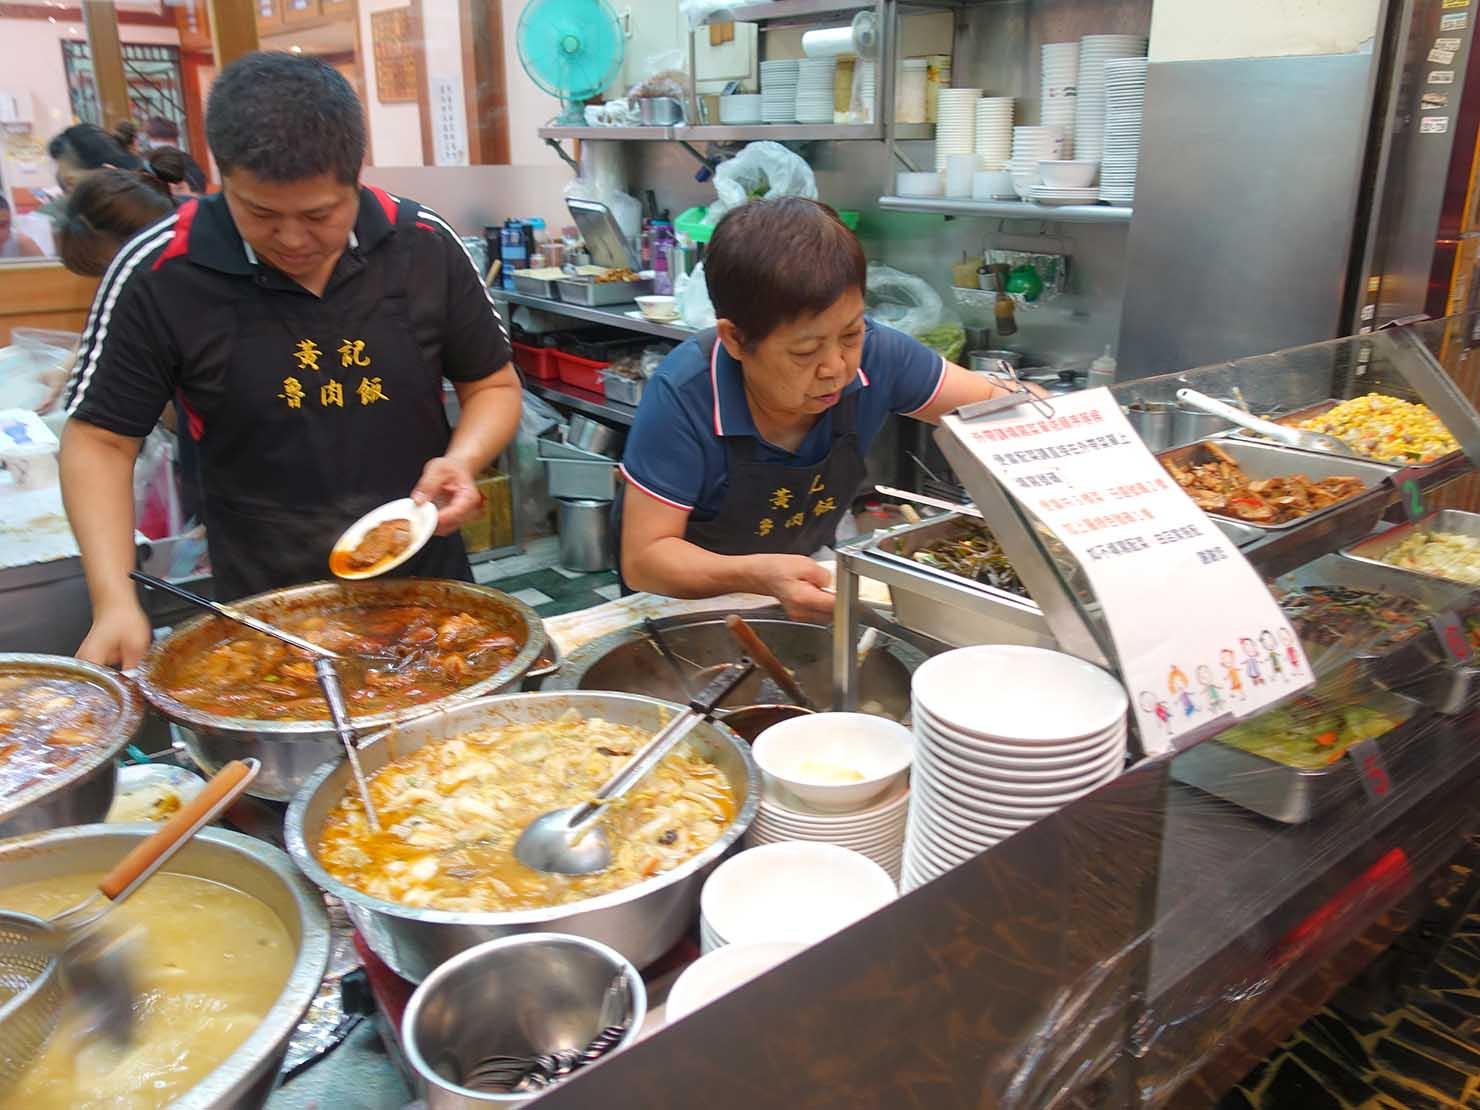 台北・民權西路&中山國中駅周辺(晴光市場)のおすすめグルメ店「黃記魯肉飯」のカウンター